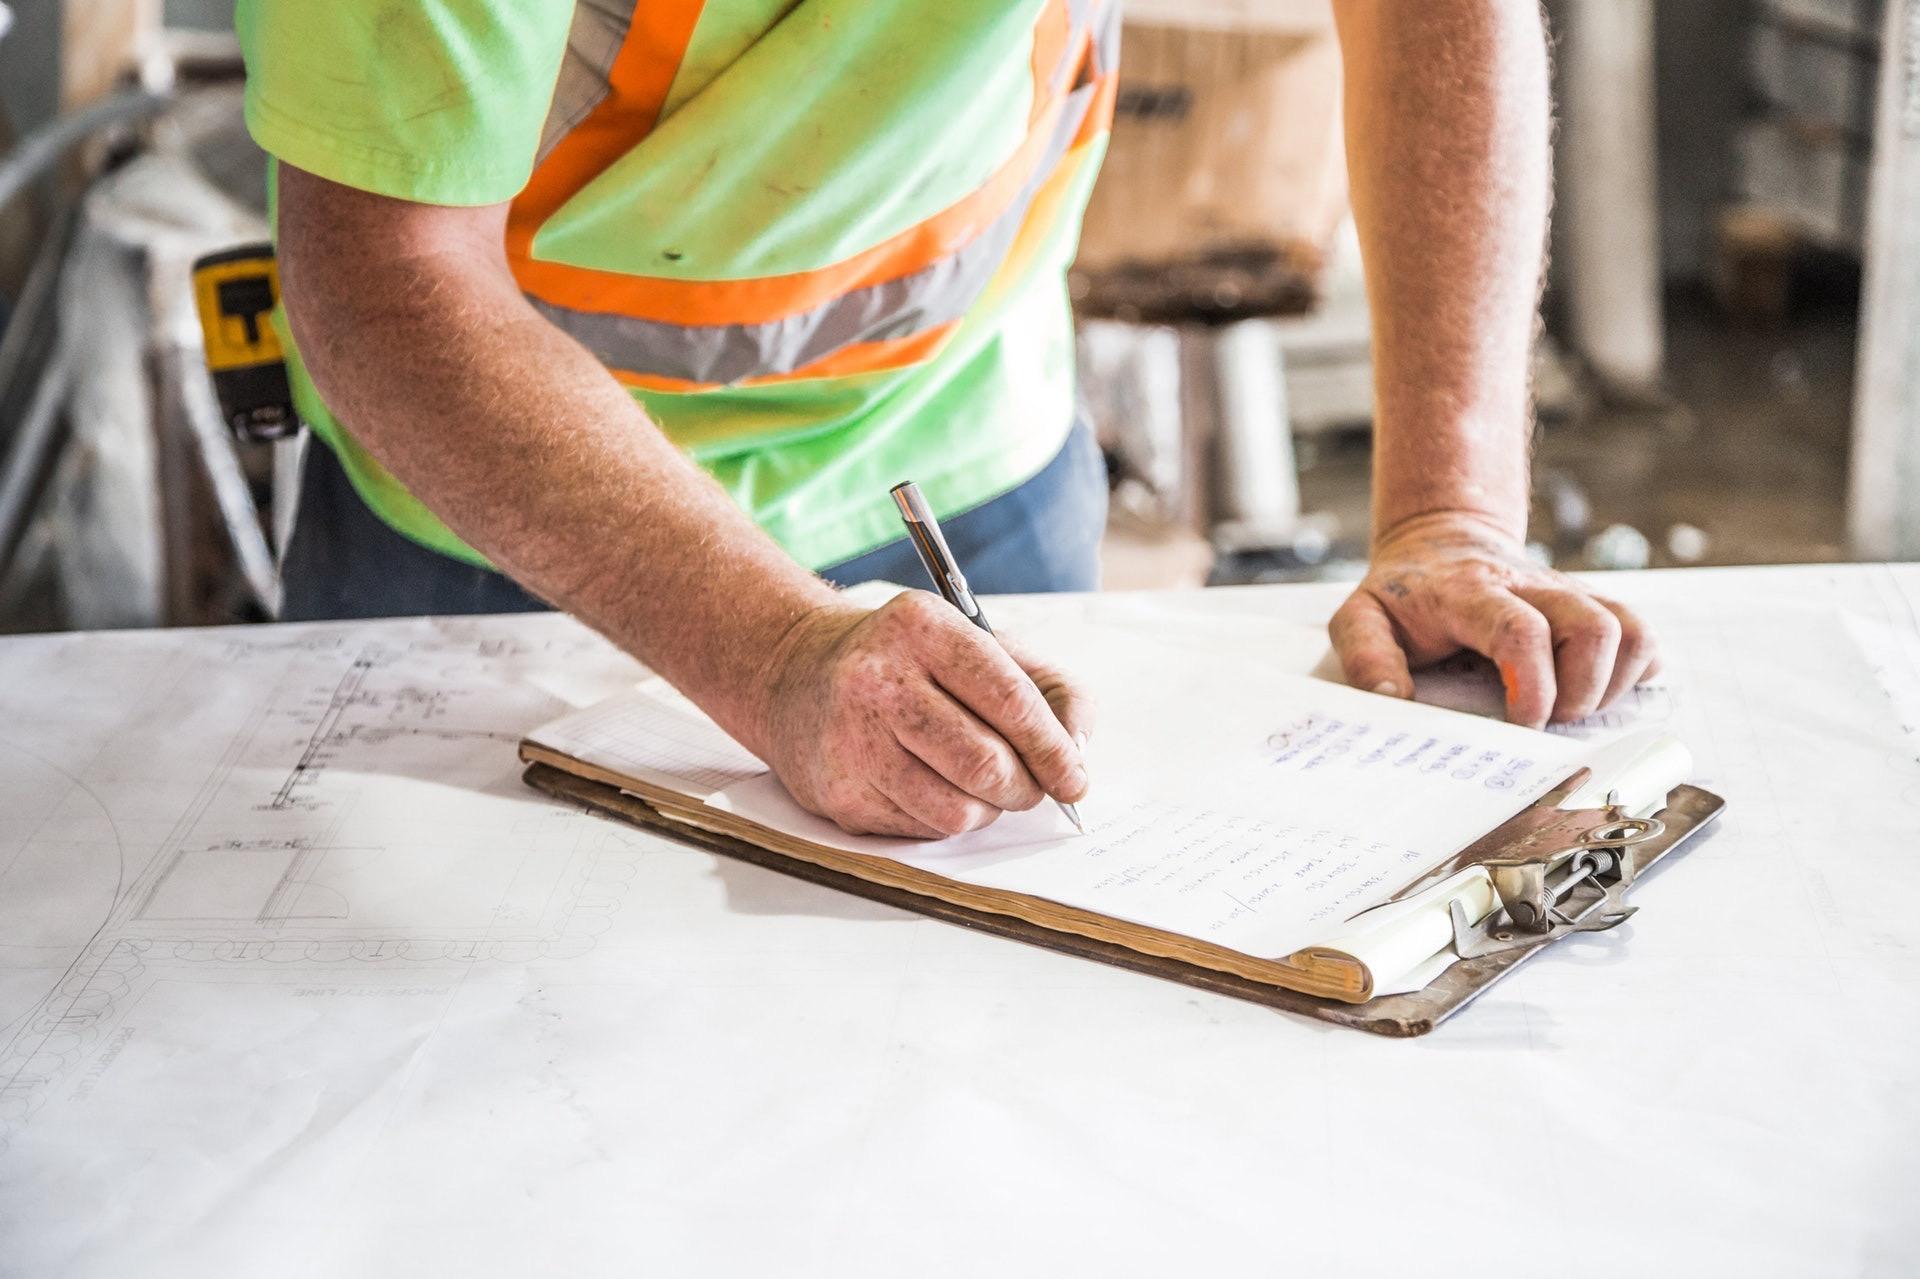 Réparation et installation de toiture avec couverture métallique et de tole